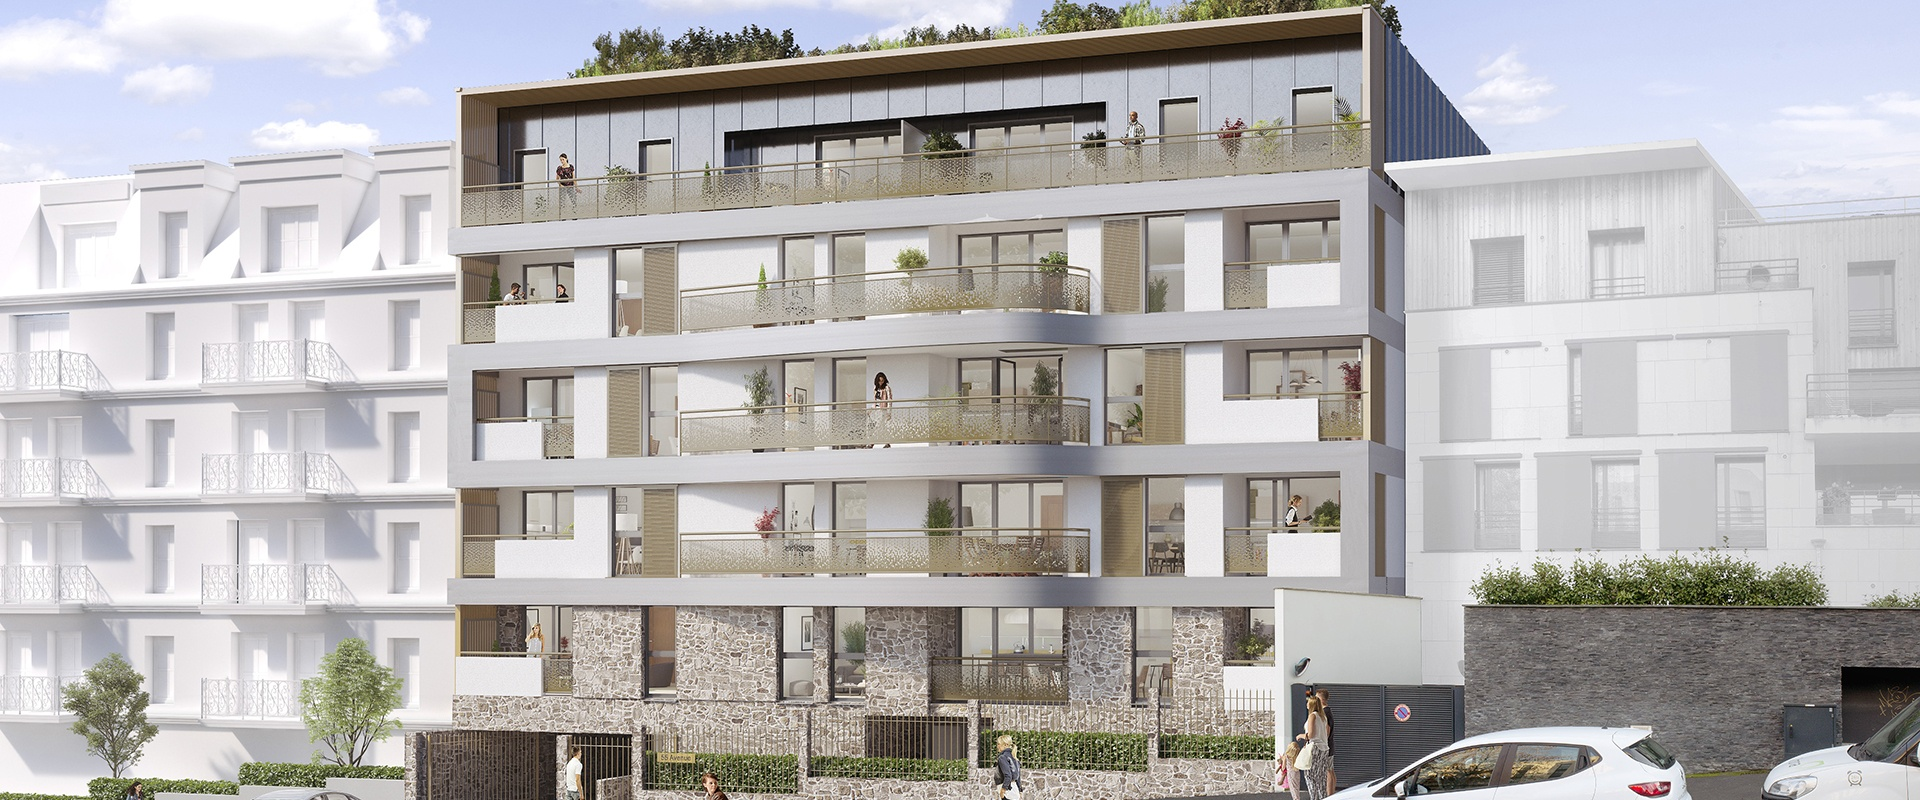 CHÂTILLON (92) – 55 AVENUE – Livraison : Juin 2022